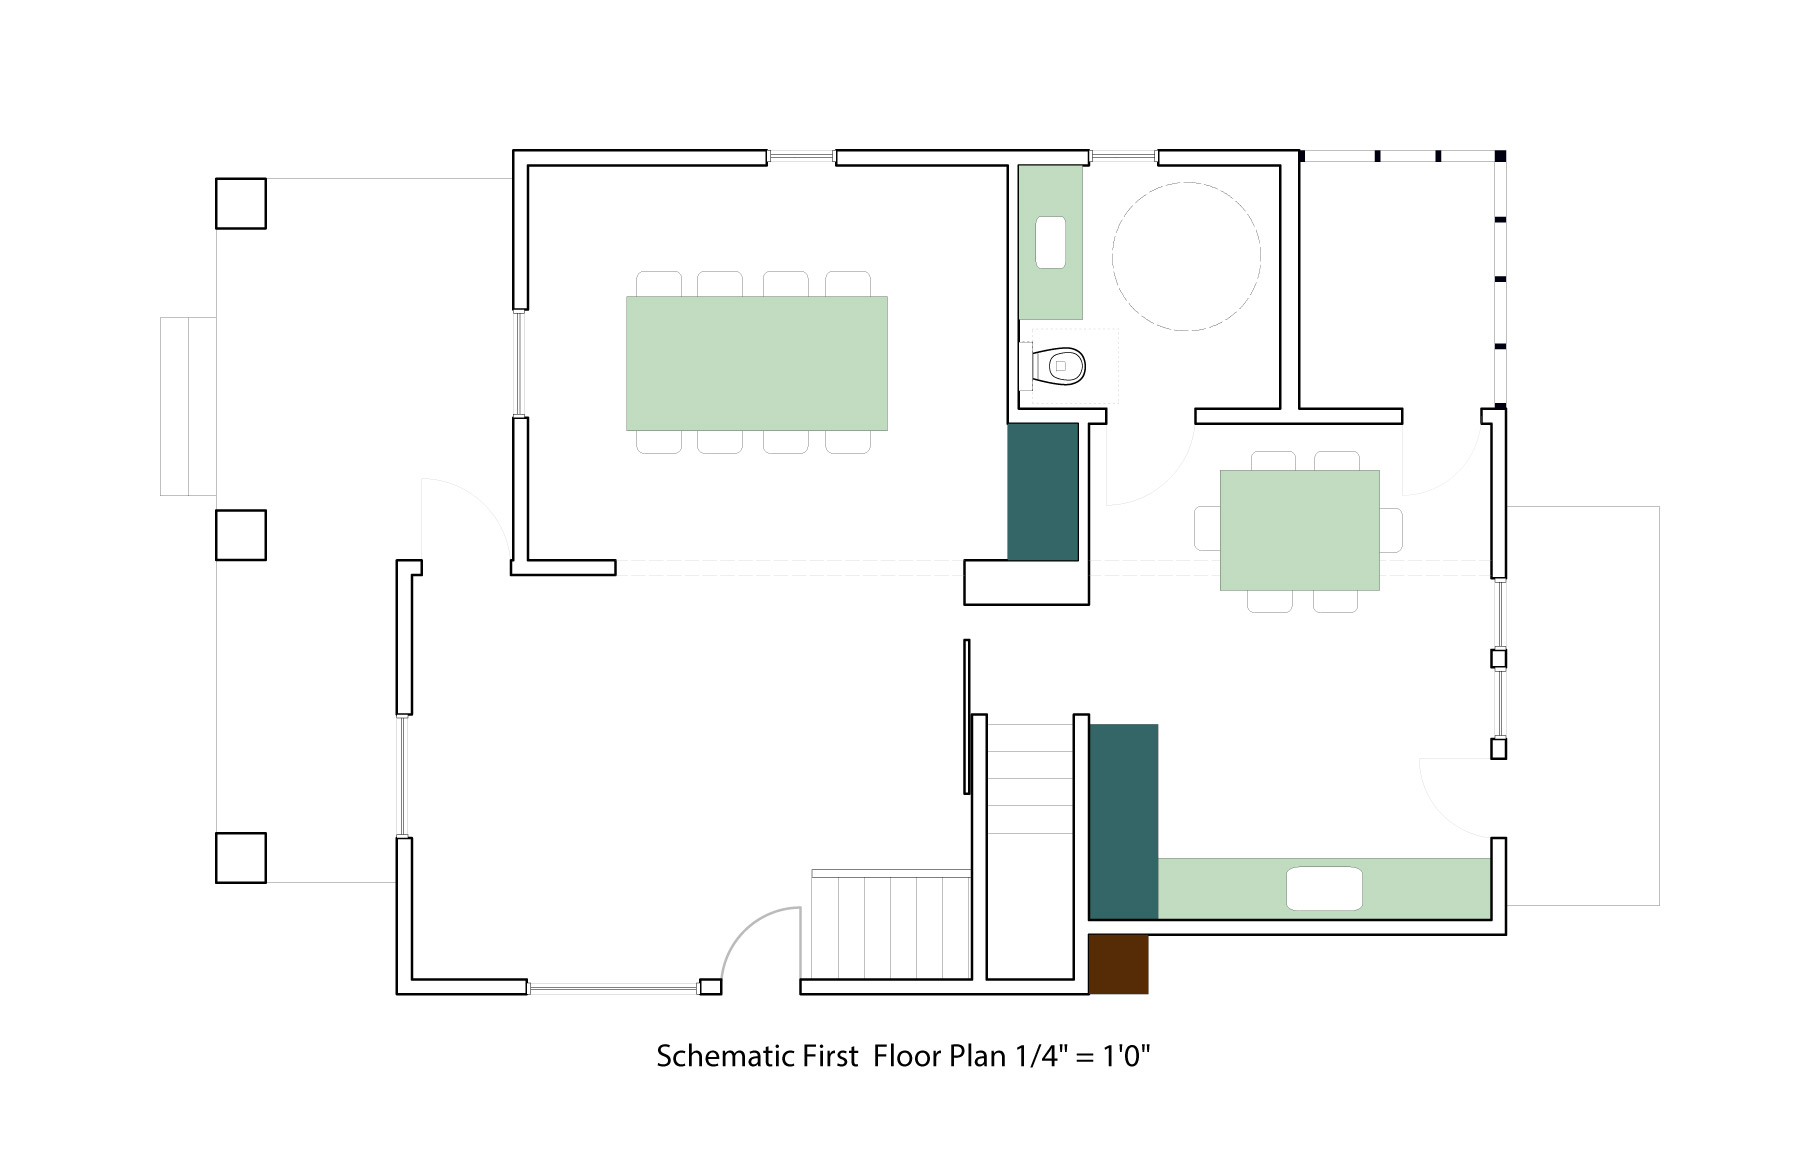 Schematic-Plan_A2_7.8.15-JPG.jpg